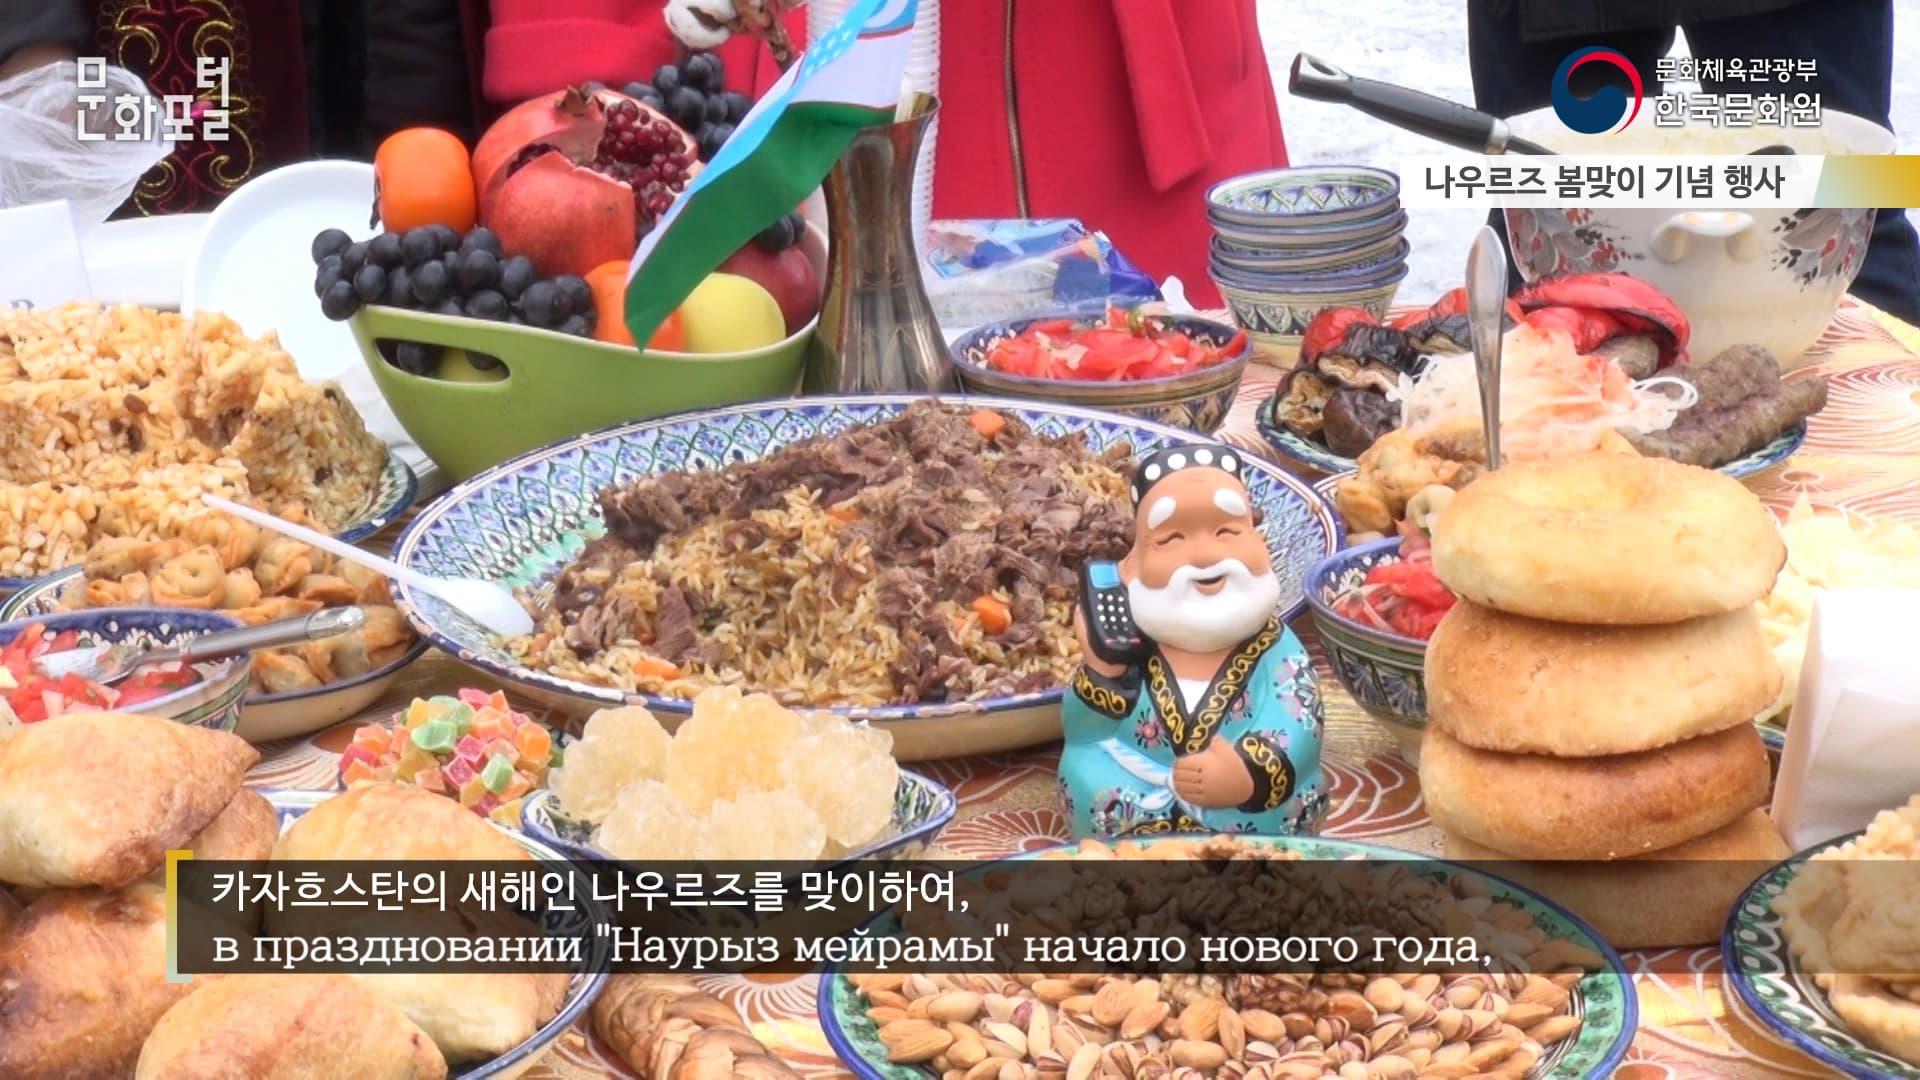 [카자흐스탄/해외문화PD] 나우르즈 봄맞이 기념 행사